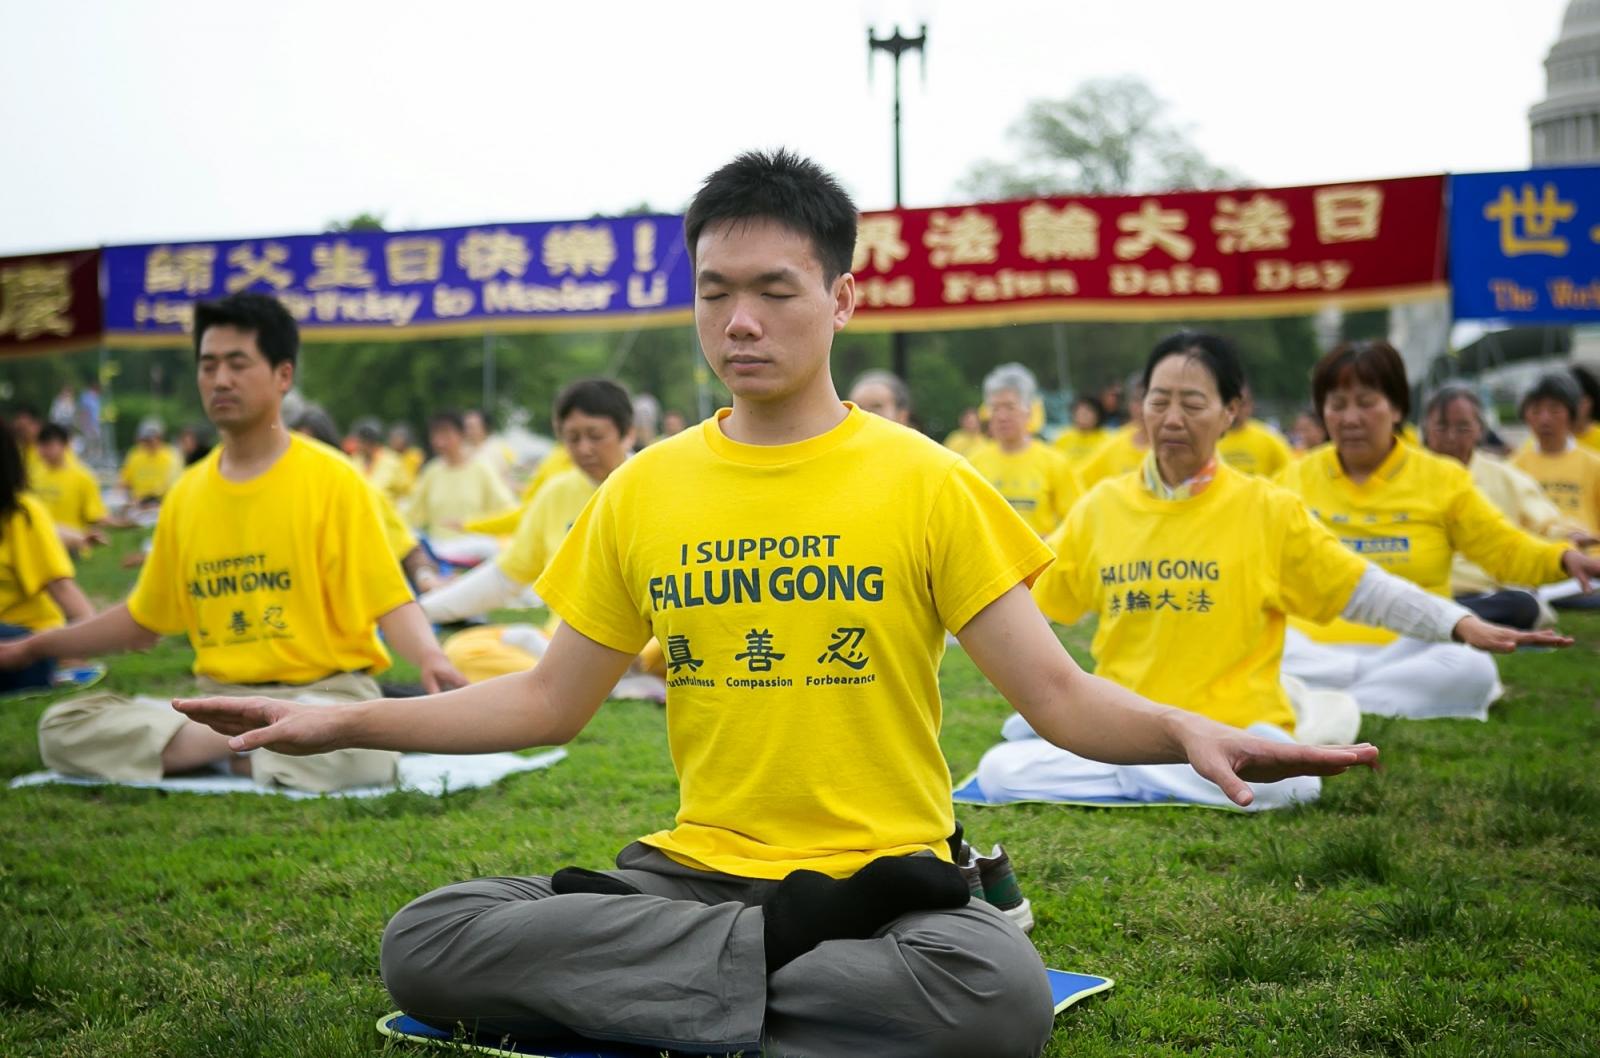 فالون دافا چیست؟ زندگی بدون اضطراب را با تمرین معنوی چینی تجربه کنید.